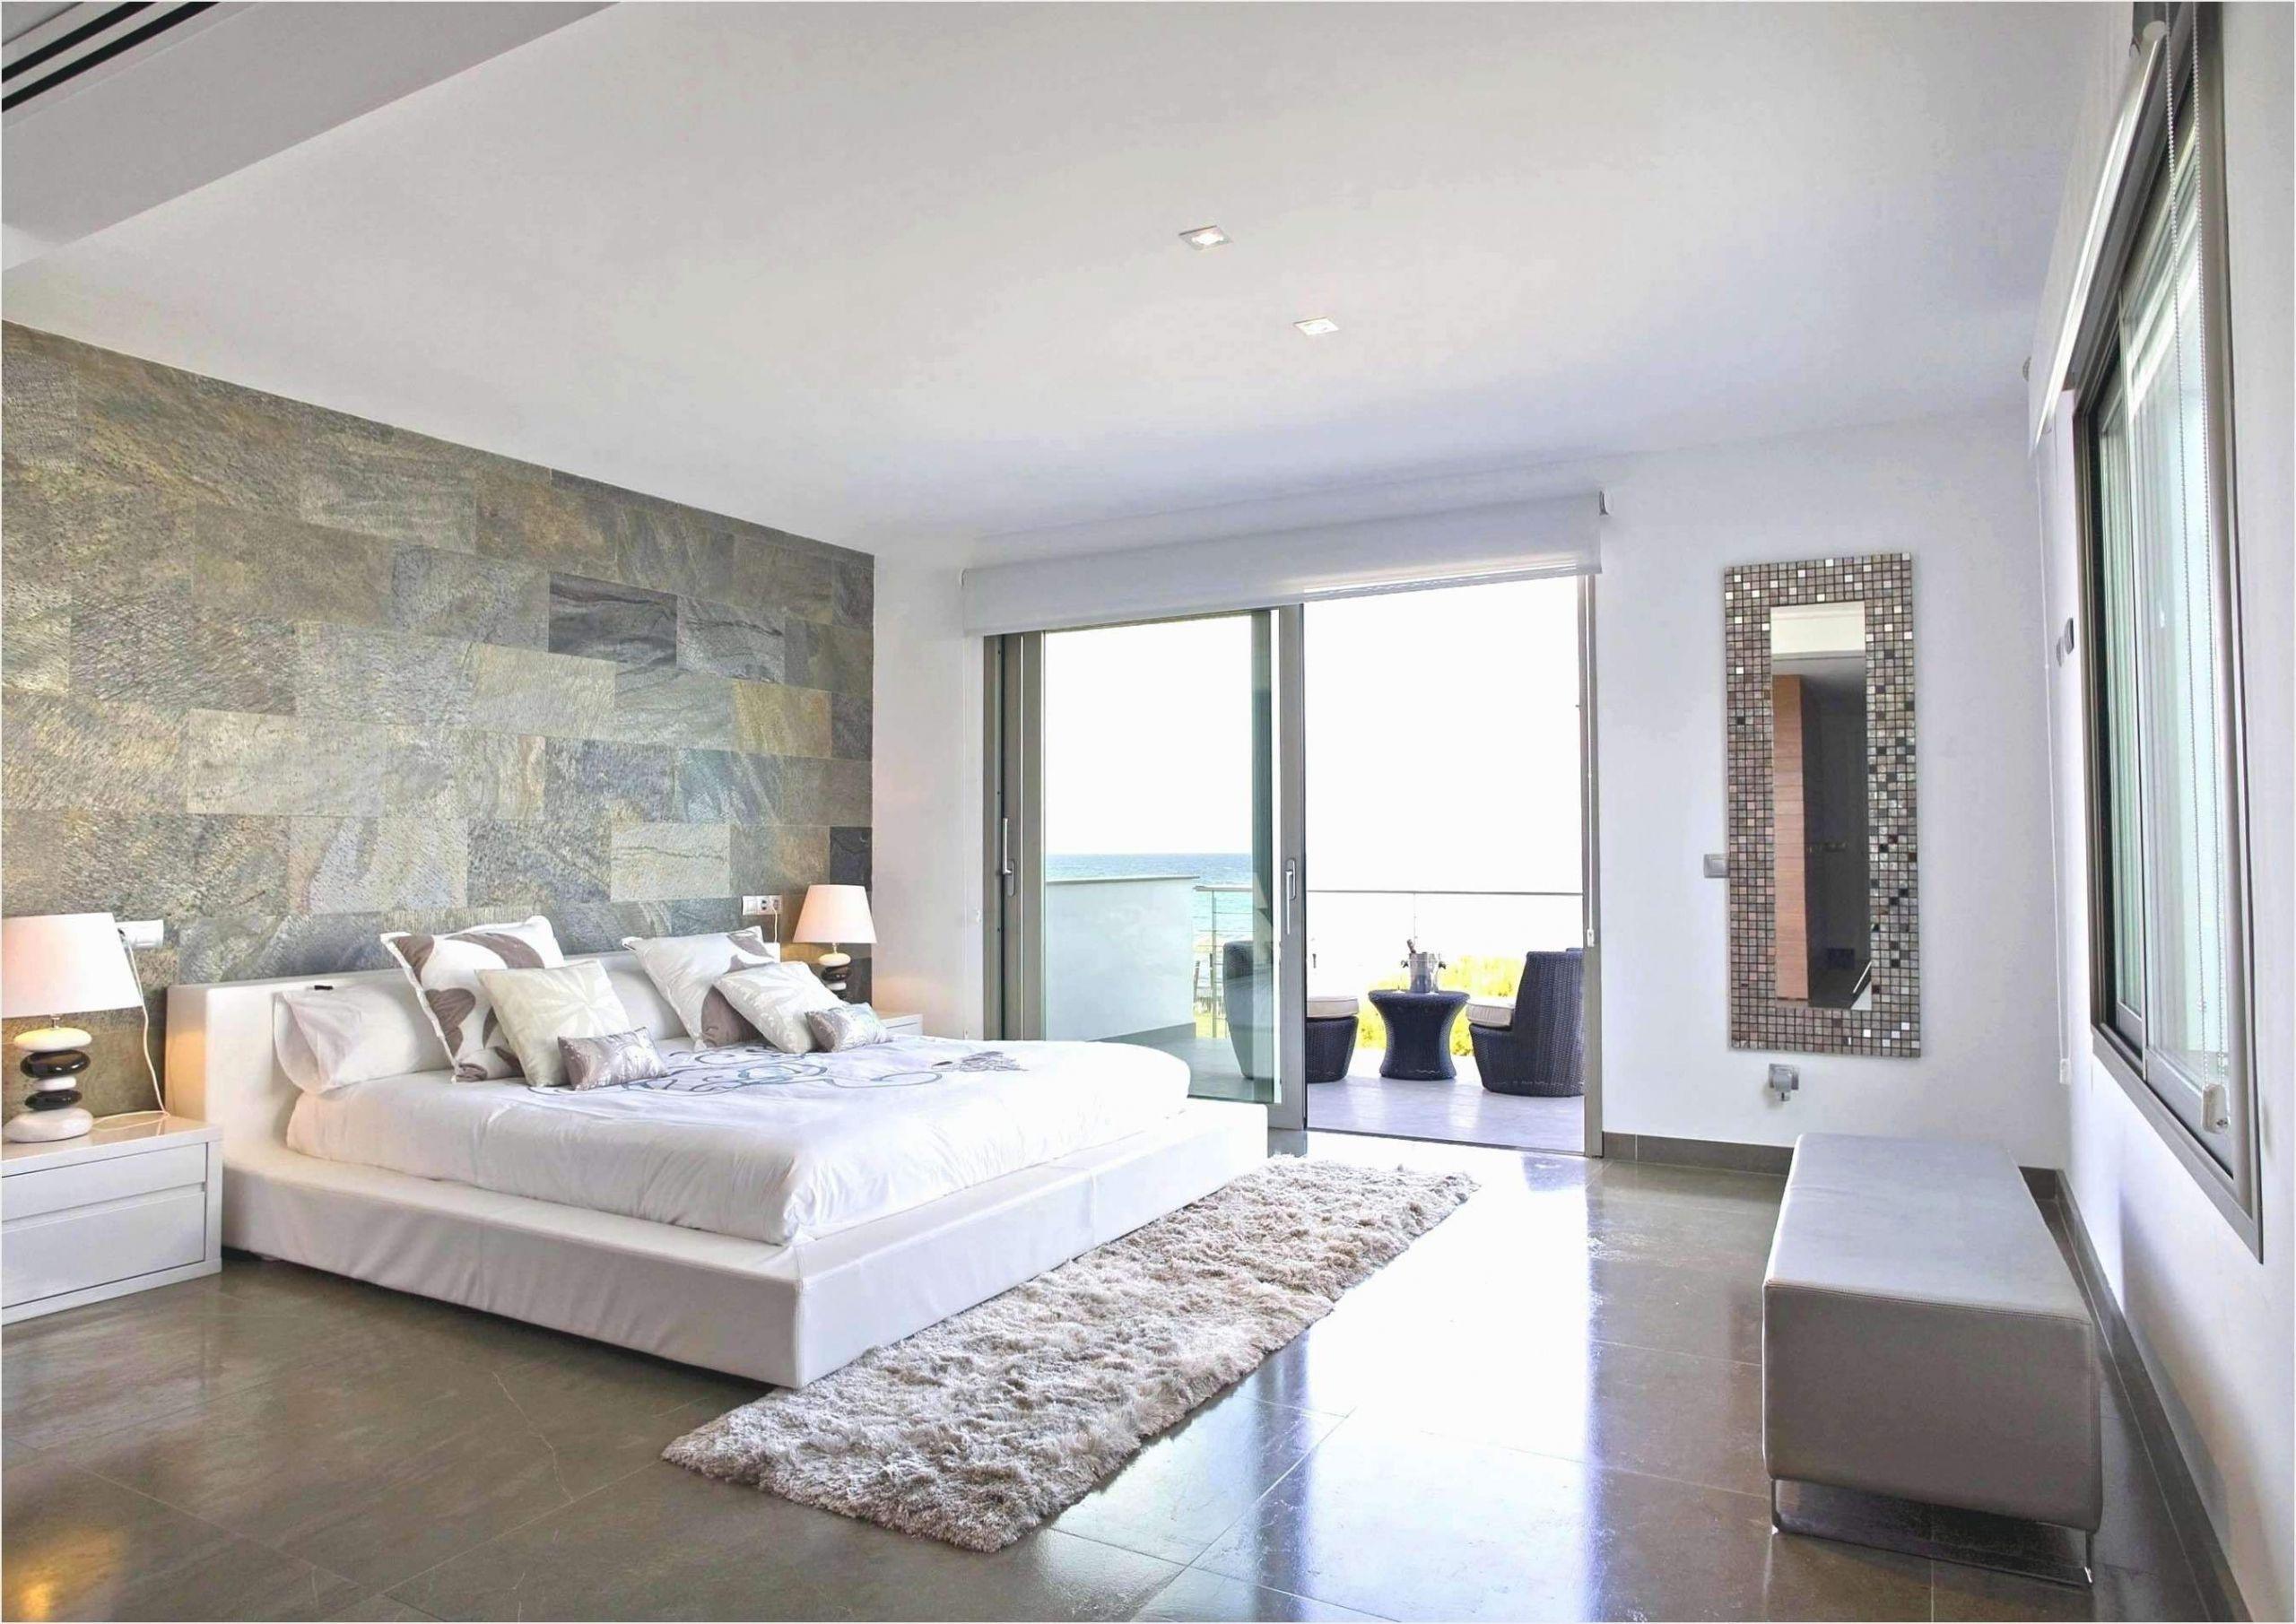 deko wohnzimmer modern neu wohnzimmer of deko wohnzimmer modern